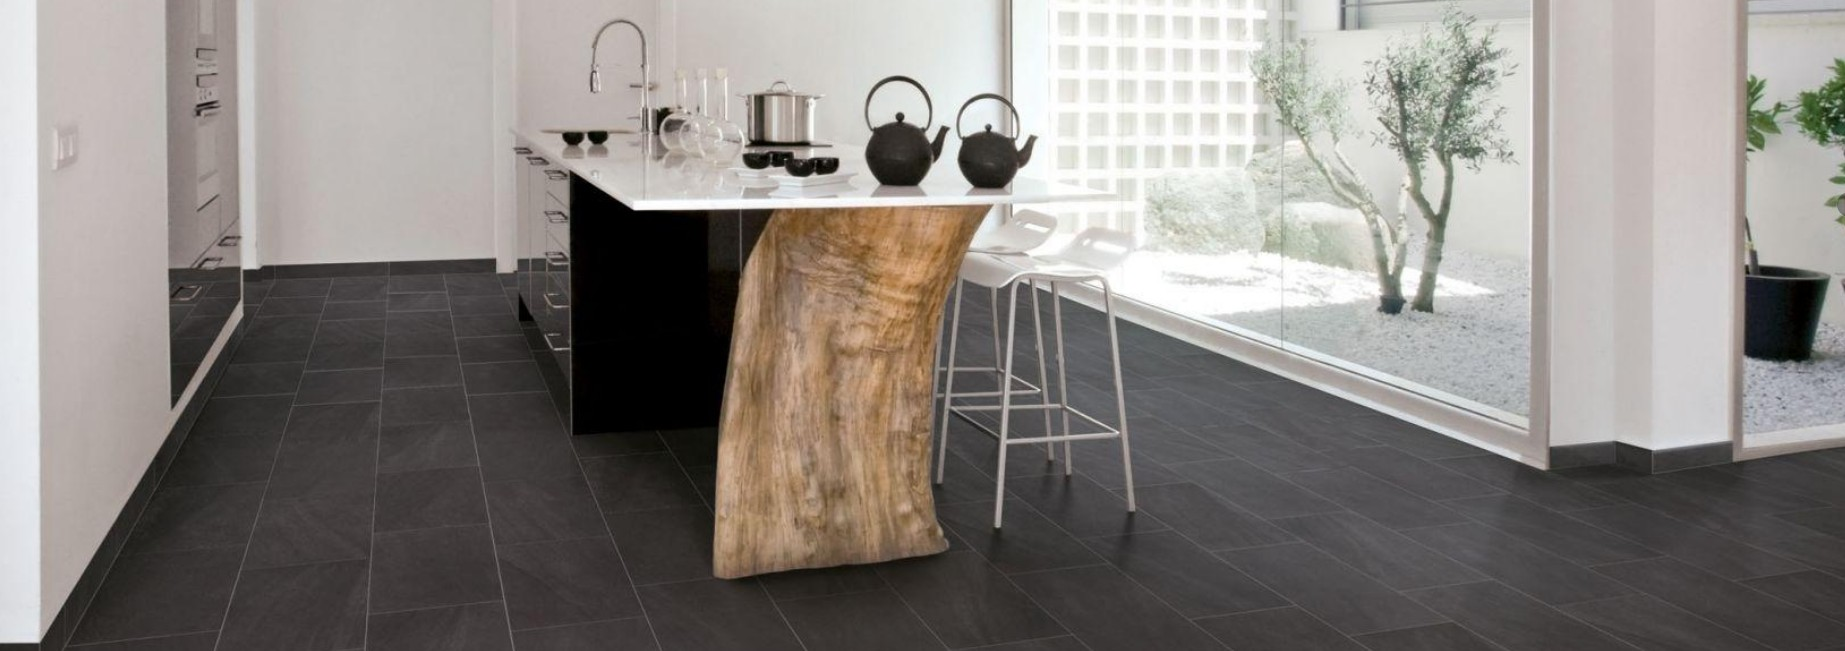 Carrelage aspect ardoise noir - Atwebster.fr - Maison et mobilier